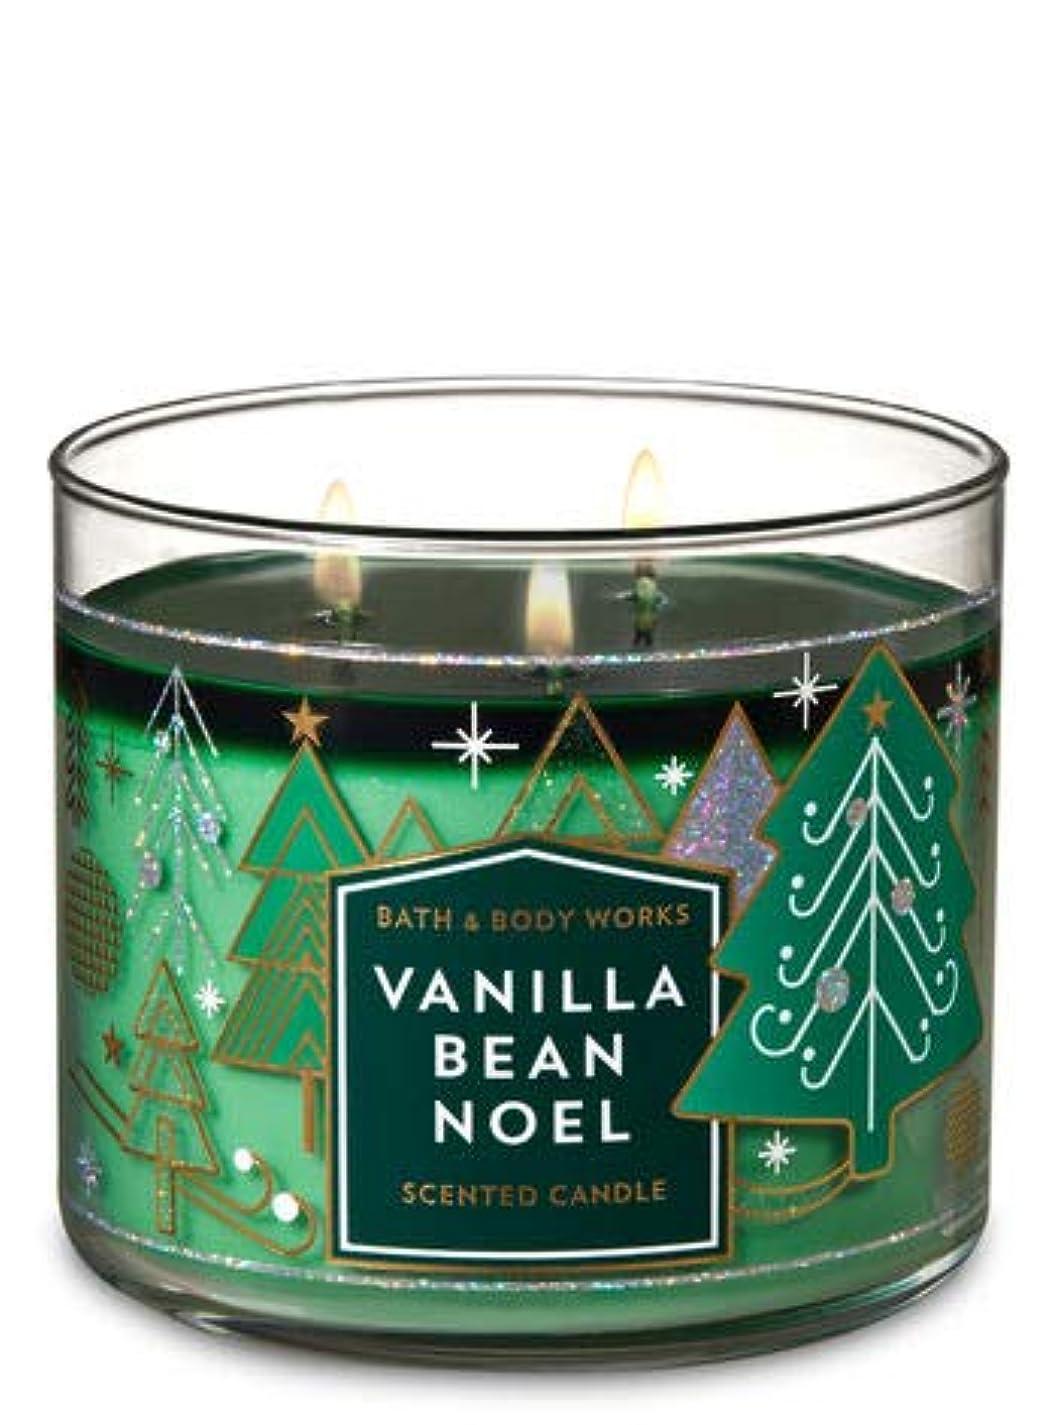 一月ブランチ相対的【Bath&Body Works/バス&ボディワークス】 アロマキャンドル バニラビーンノエル 3-Wick Scented Candle Vanilla Bean Noel 14.5oz/411g [並行輸入品]